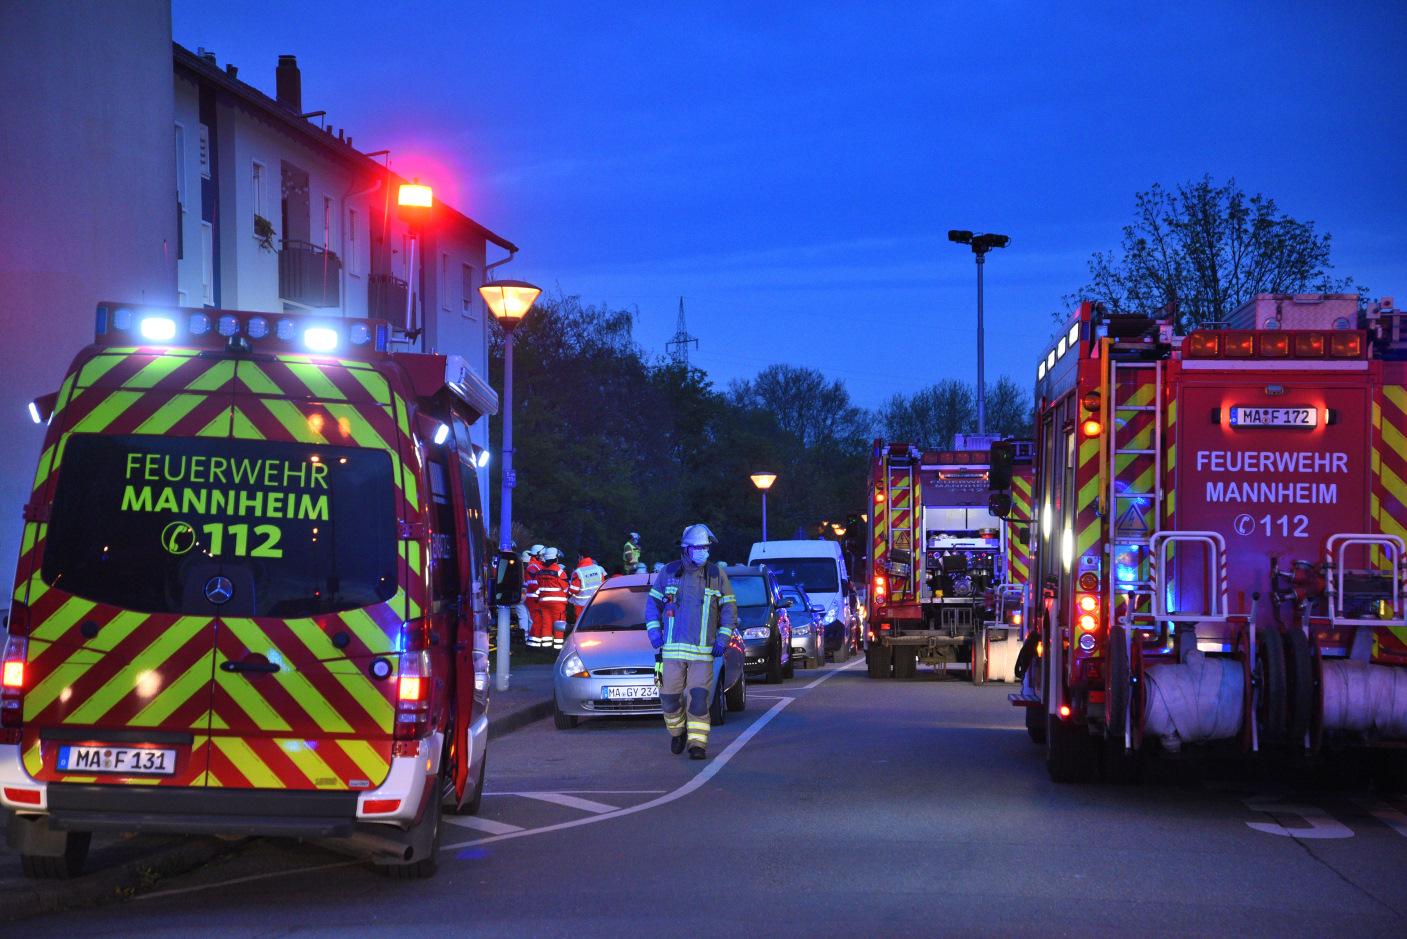 Mannheim: Brand in Mehrfamilienhaus - zwei Leichtverletzte